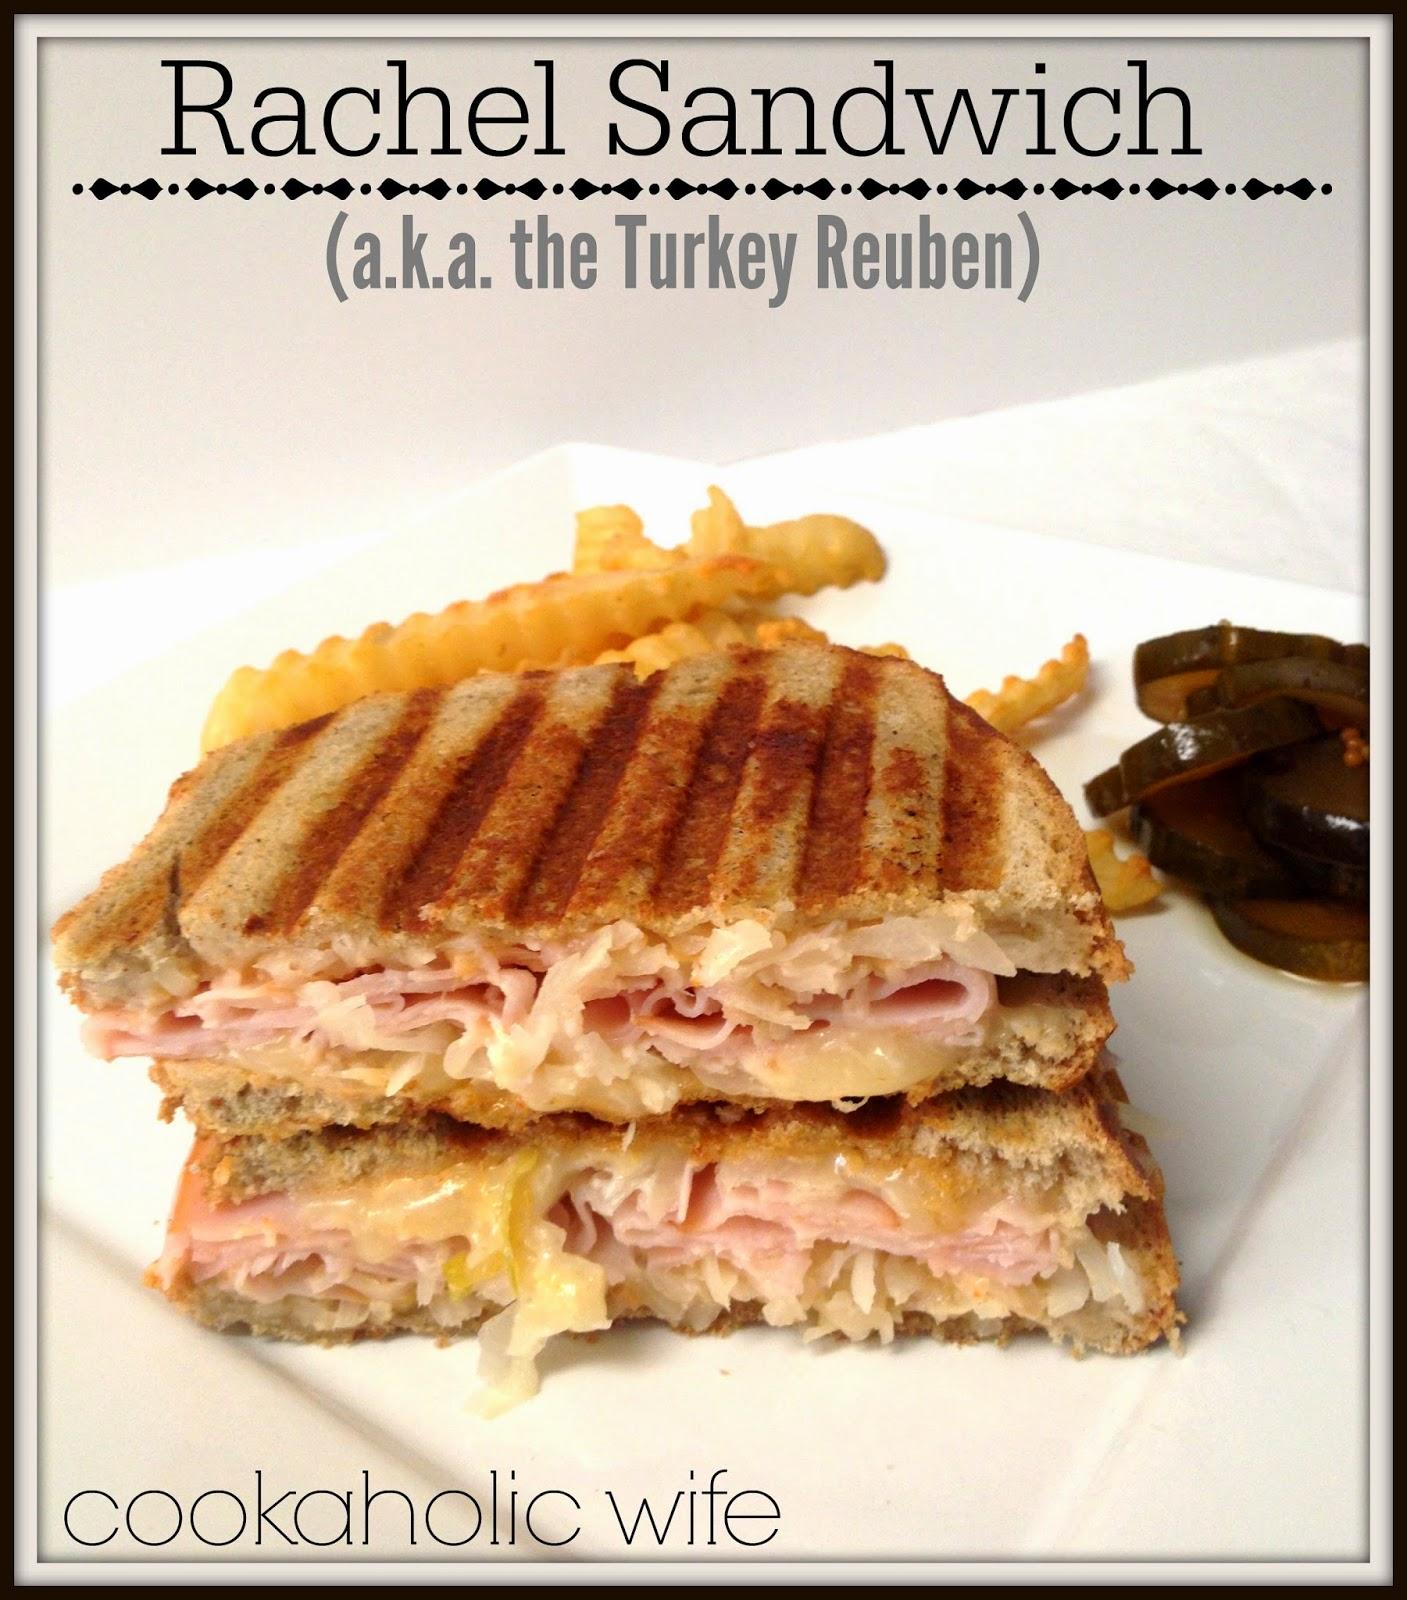 ... tlt sandwich the rachel sandwich aka roast turkey reuben sandwich